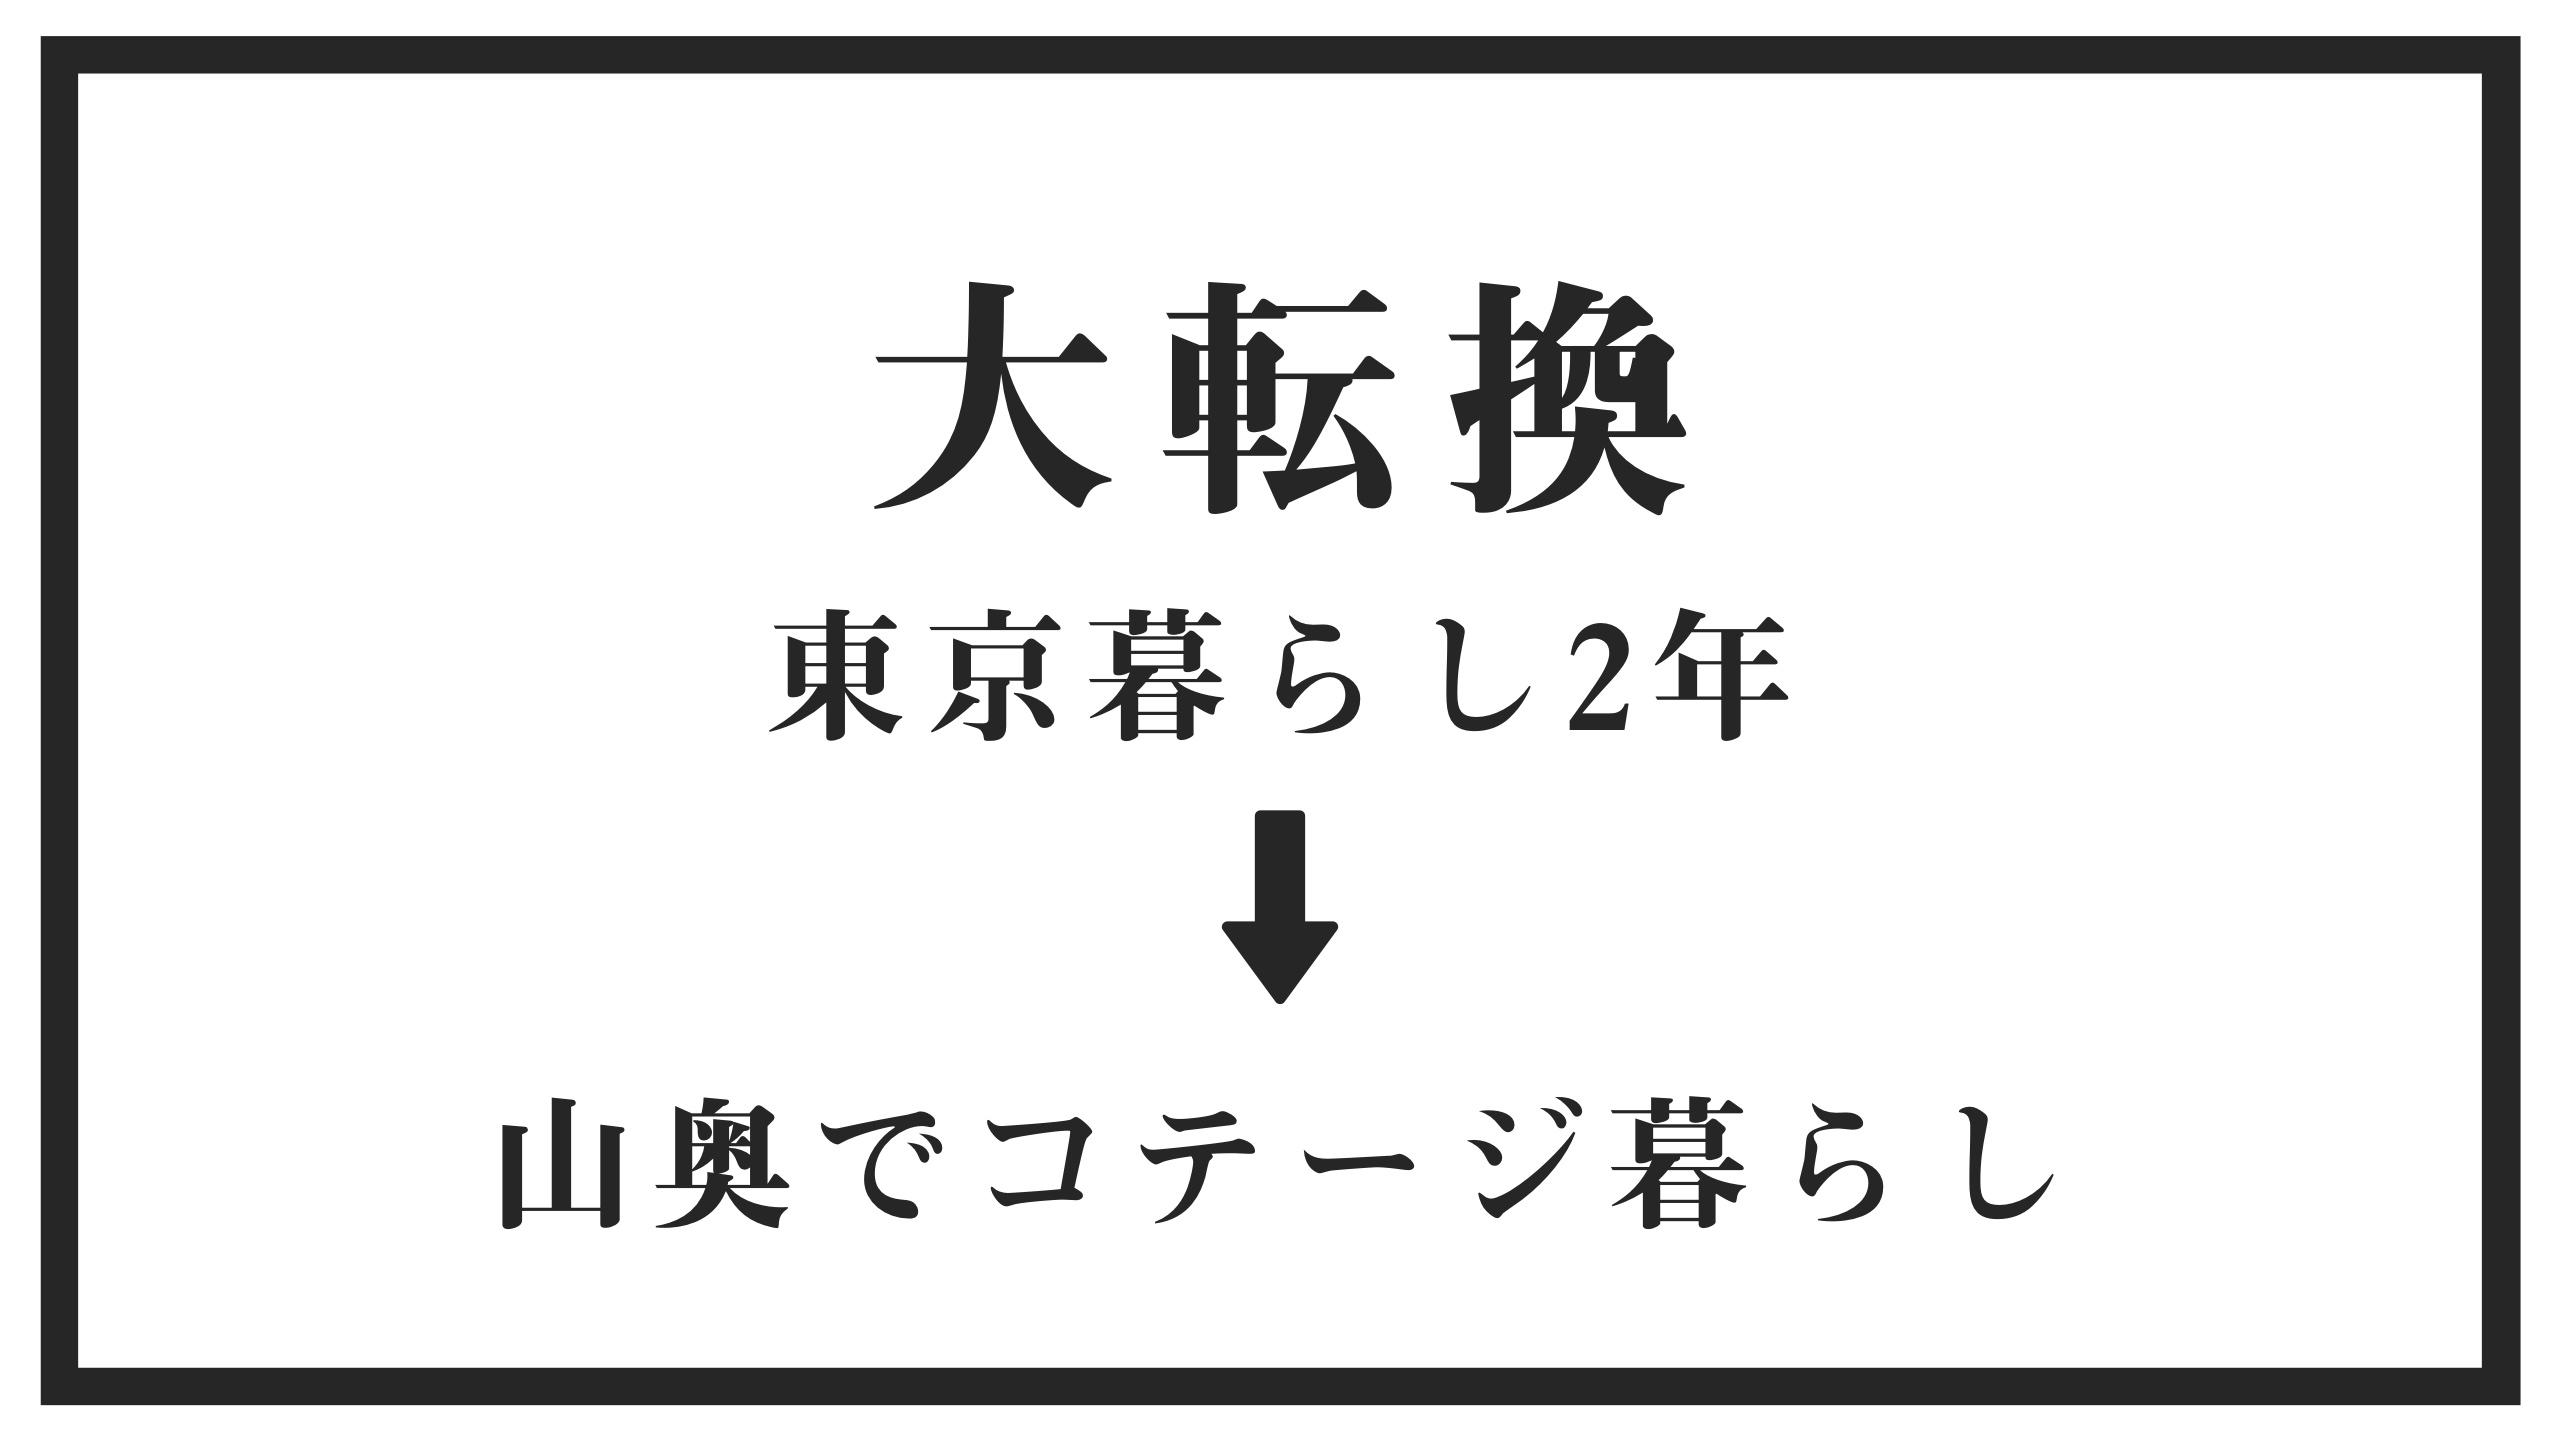 【新年早々引越し!】2年の東京暮らしから山奥のコテージ暮らしへ大転換